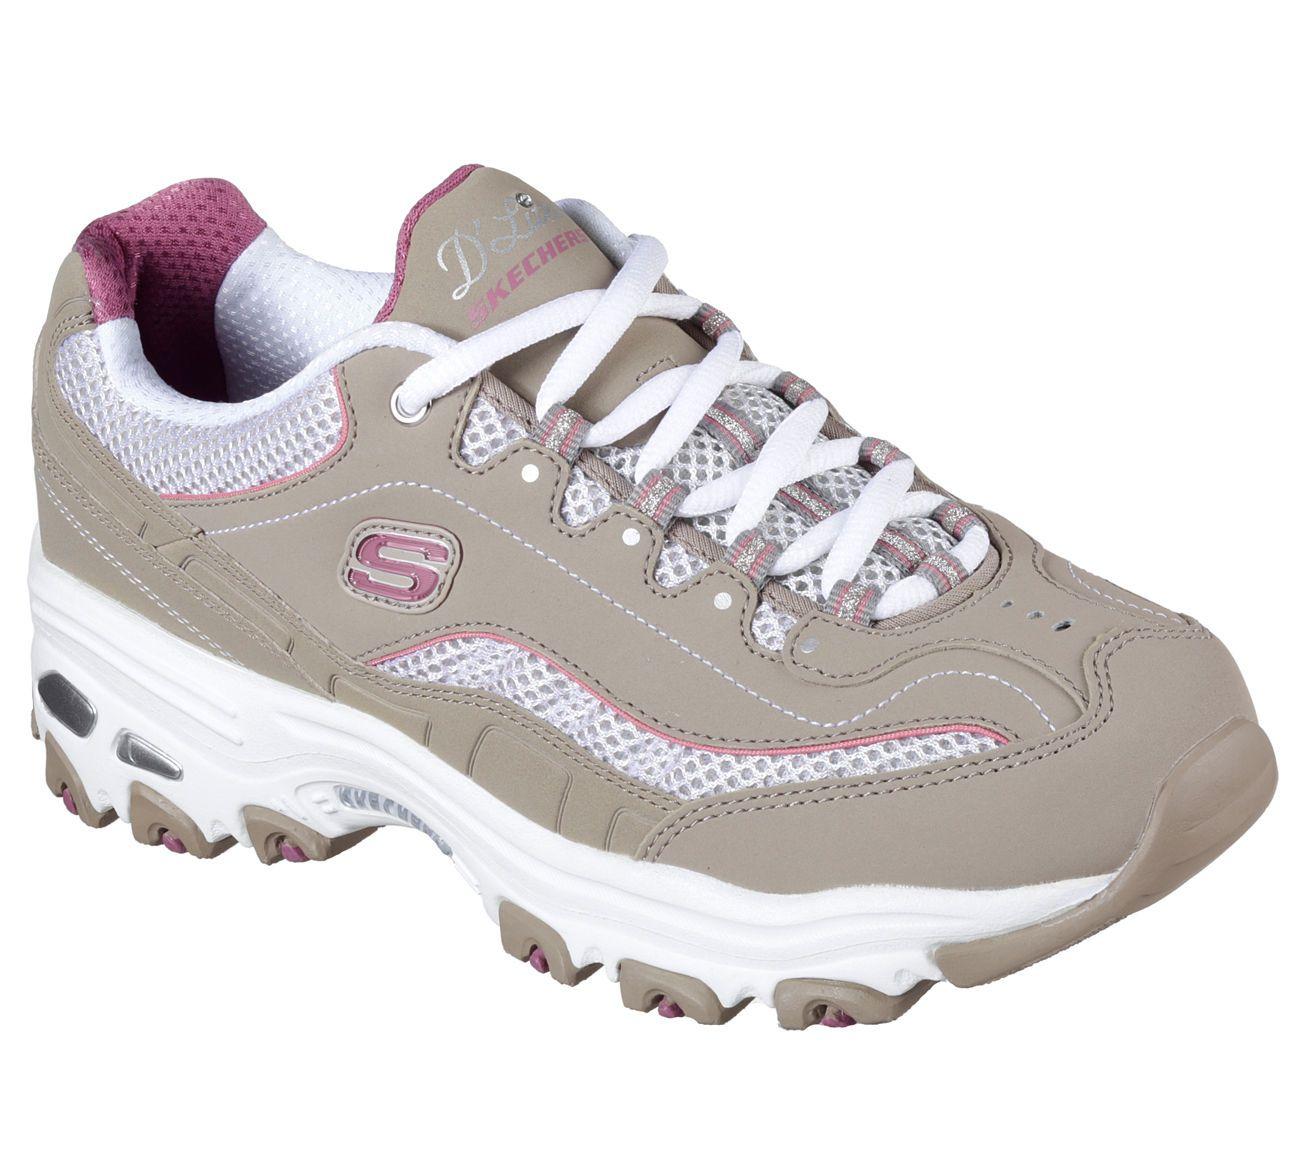 Pautas Maldición Serrado  11860 Taupe Dlites Skechers Shoes Women Sport Casual Comfort Memory Foam  Sneaker | Skechers shoes women, Skechers shoes, Skechers